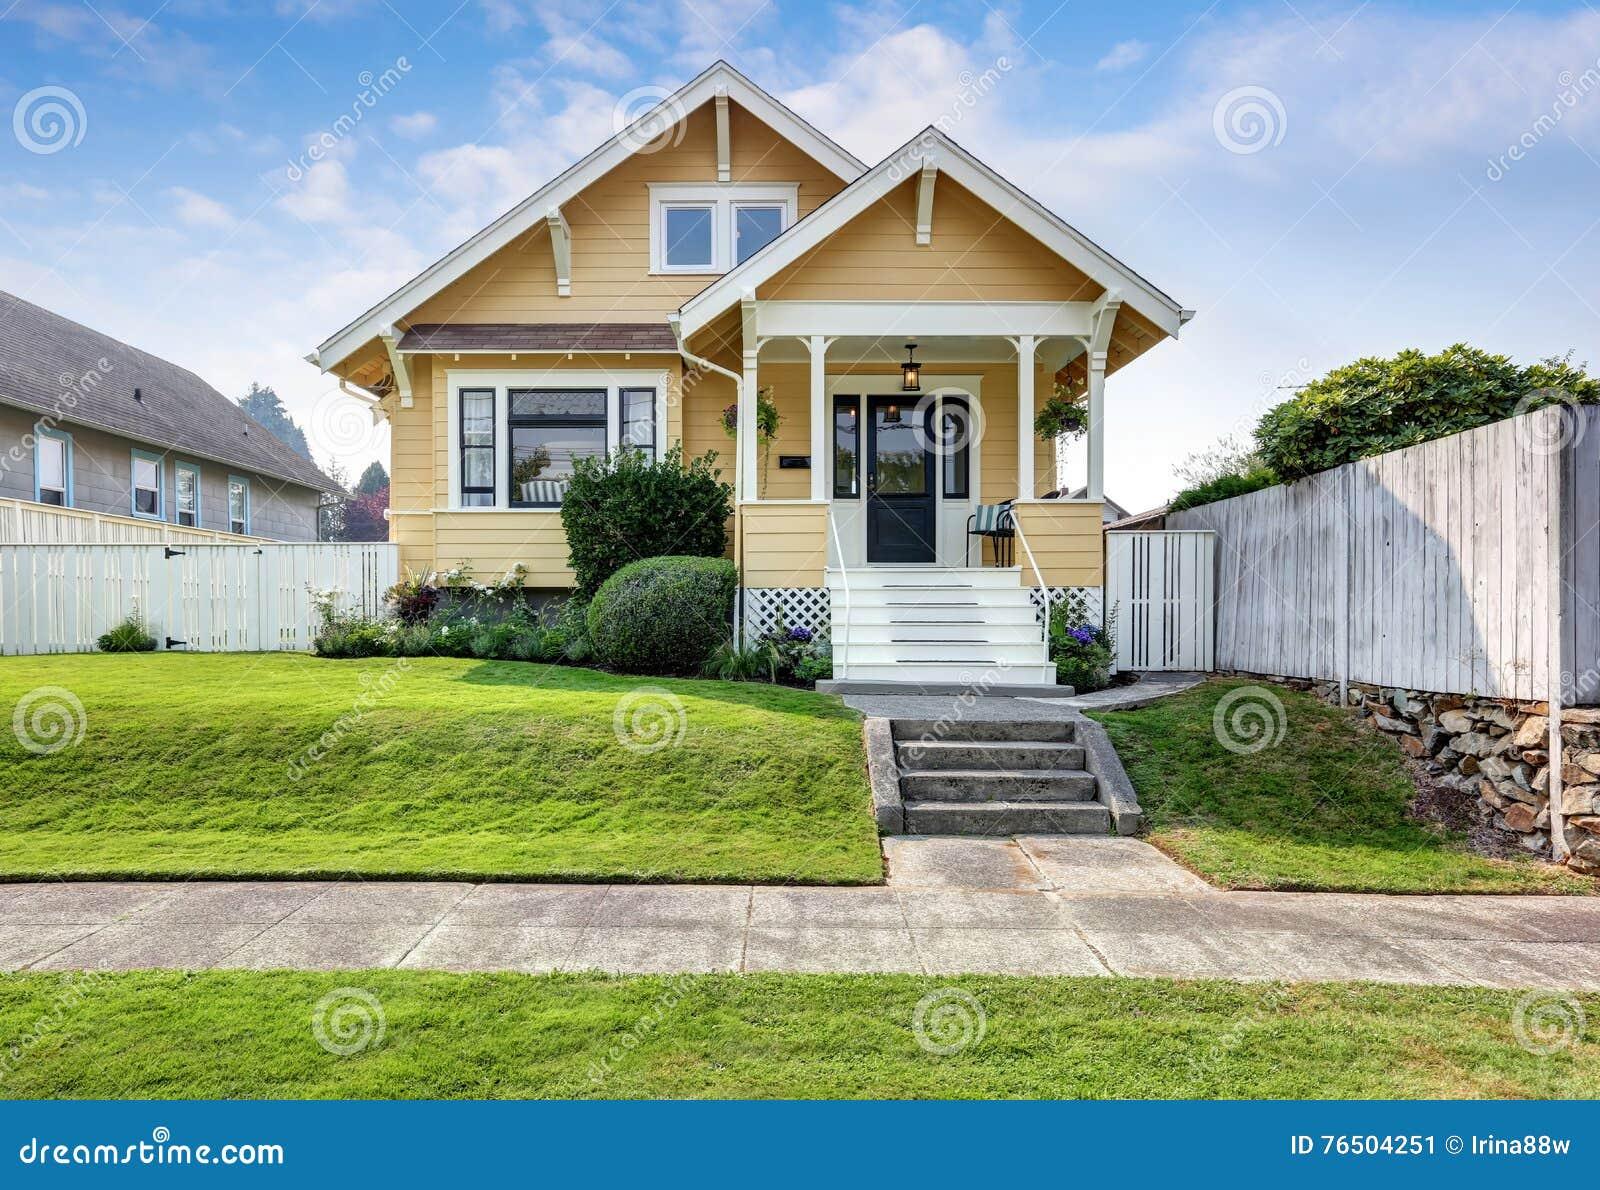 Affordable casa americana dell artigiano con pittura per esterni gialla with pittura esterno casa - Pitturare esterno casa ...